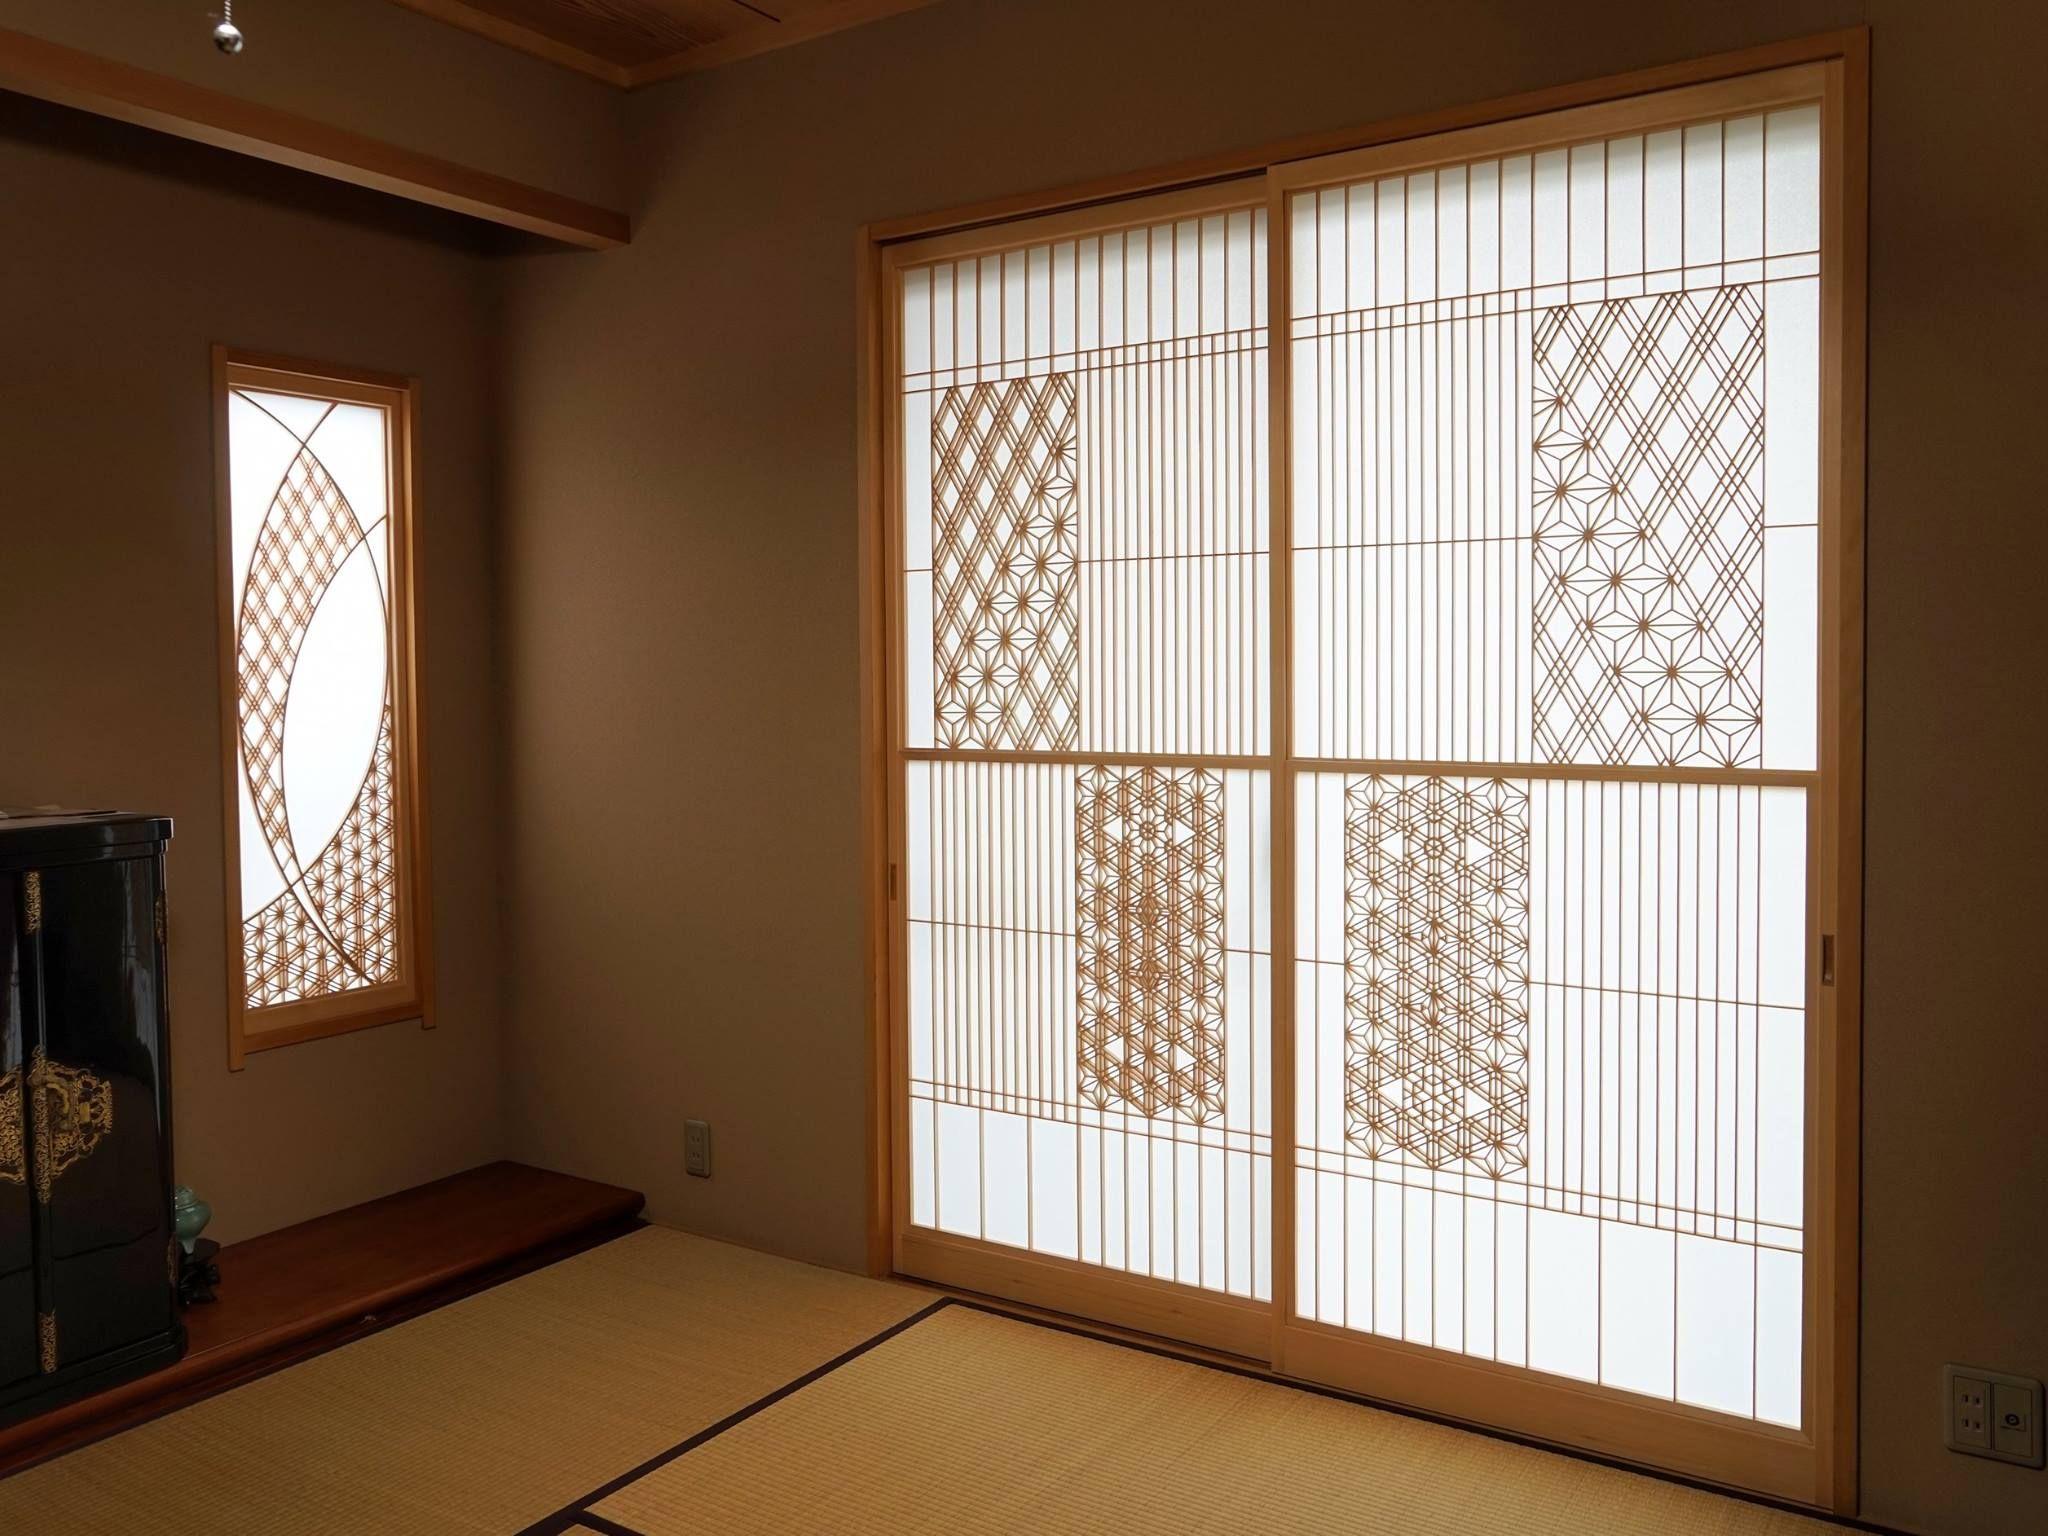 Kumiko Shoji Screen by Inomata Art Fittings Kumiko - Japanese lattice often  used for shoji screens